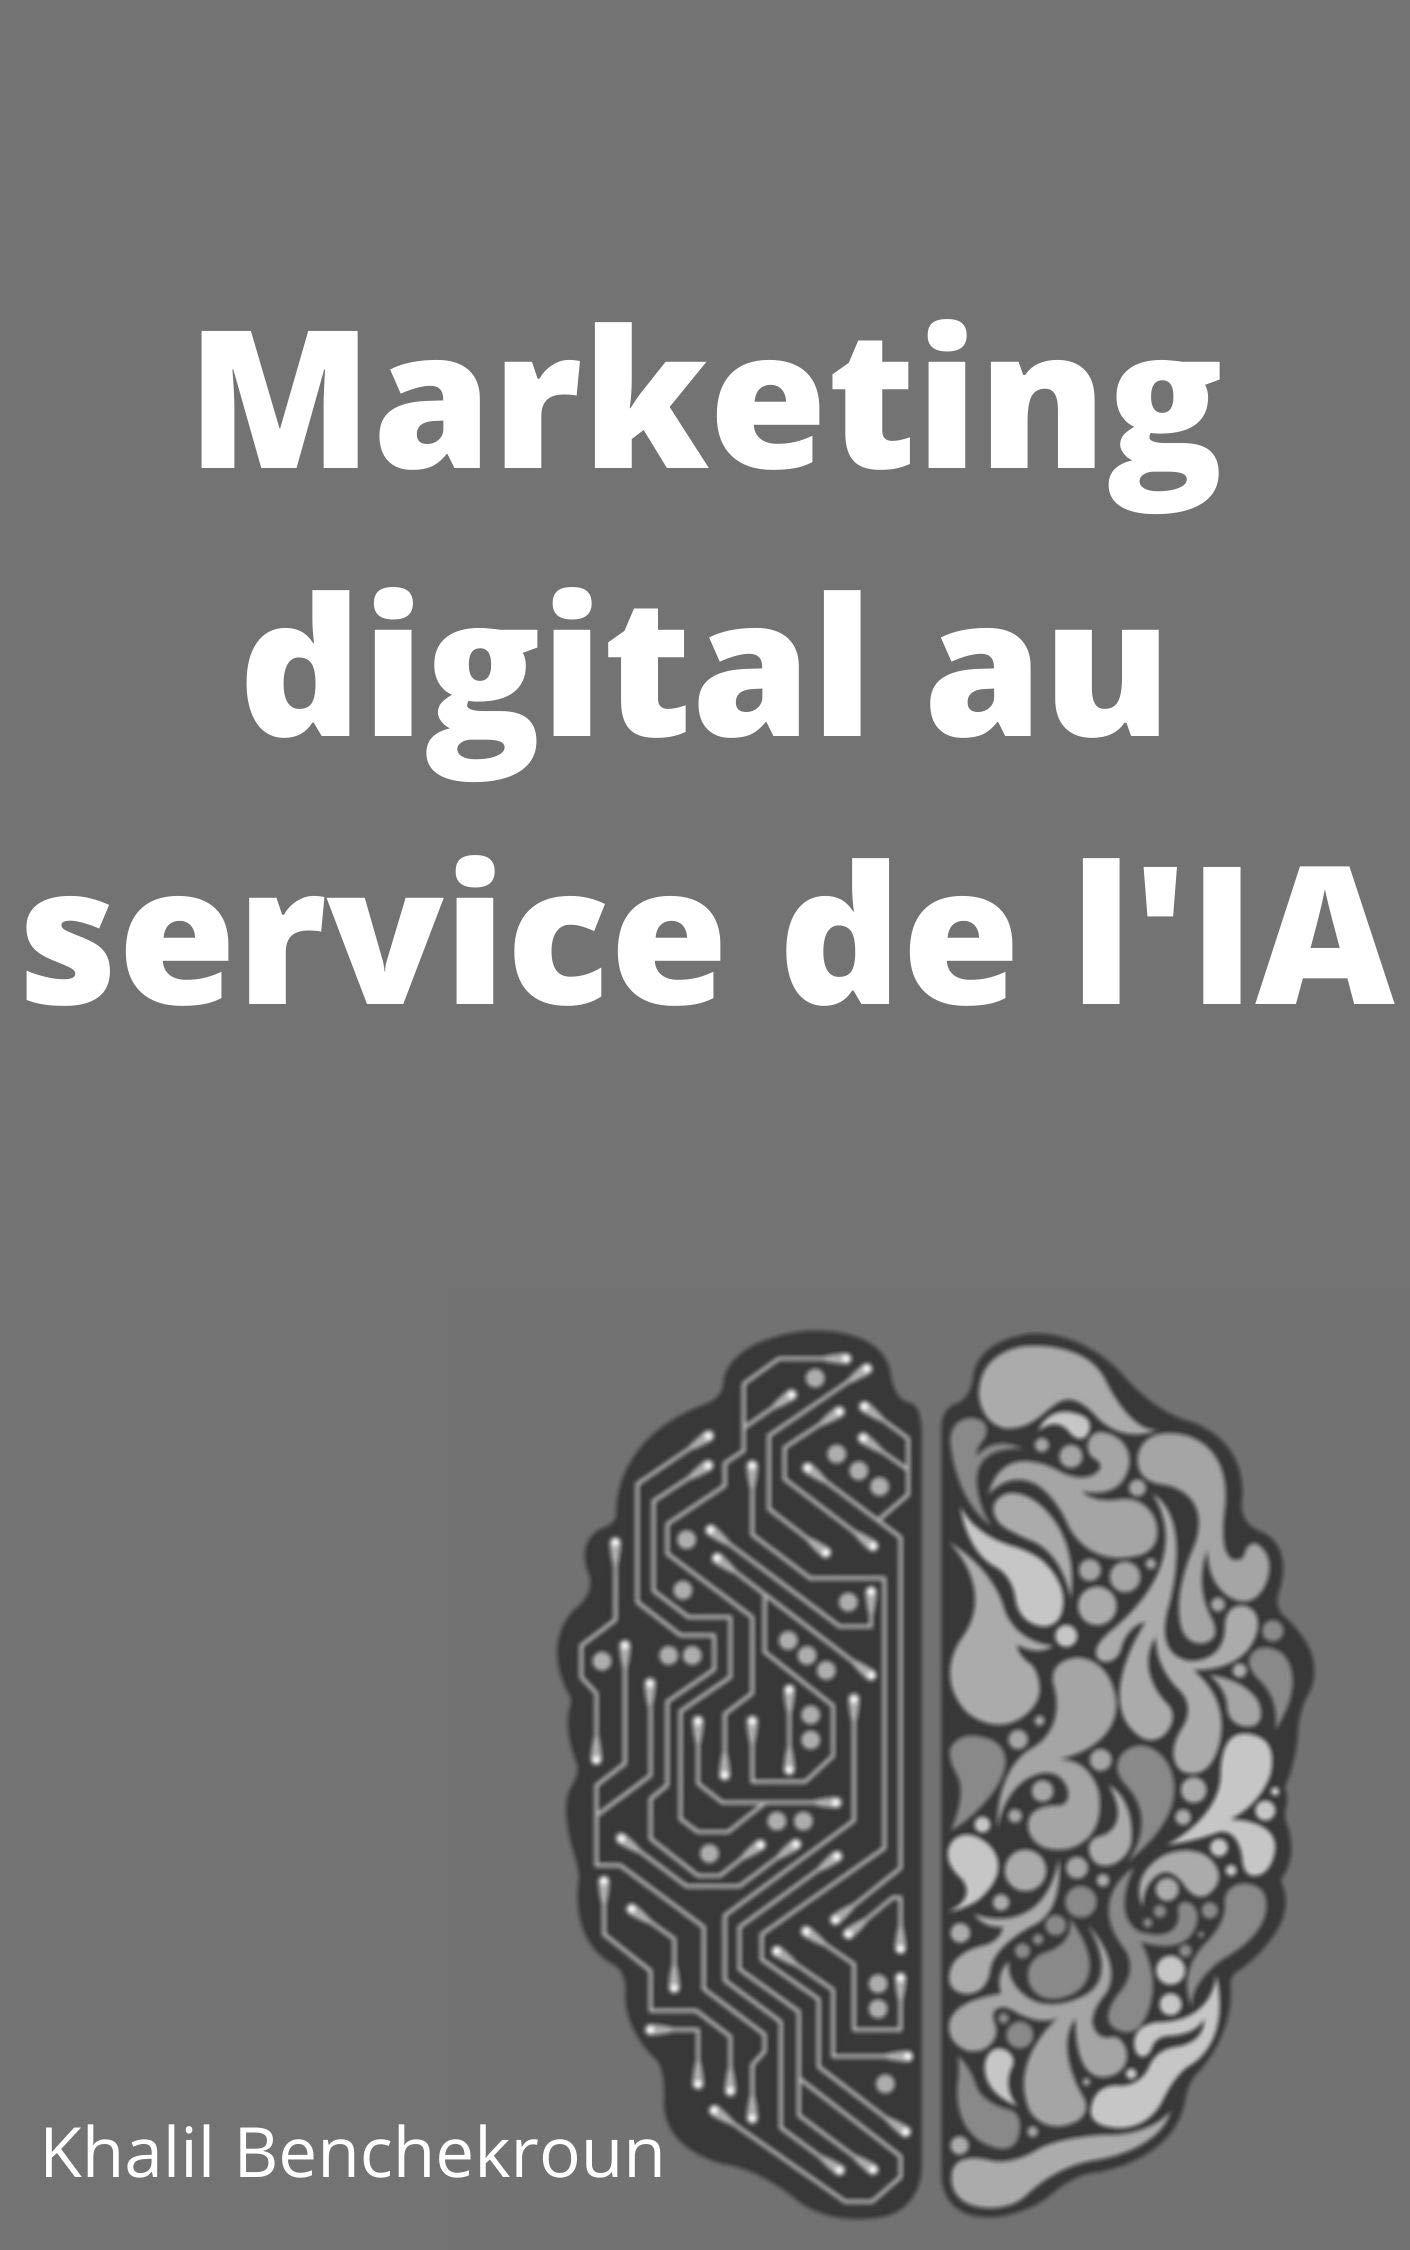 Marketing digital au service de l'IA (French Edition)